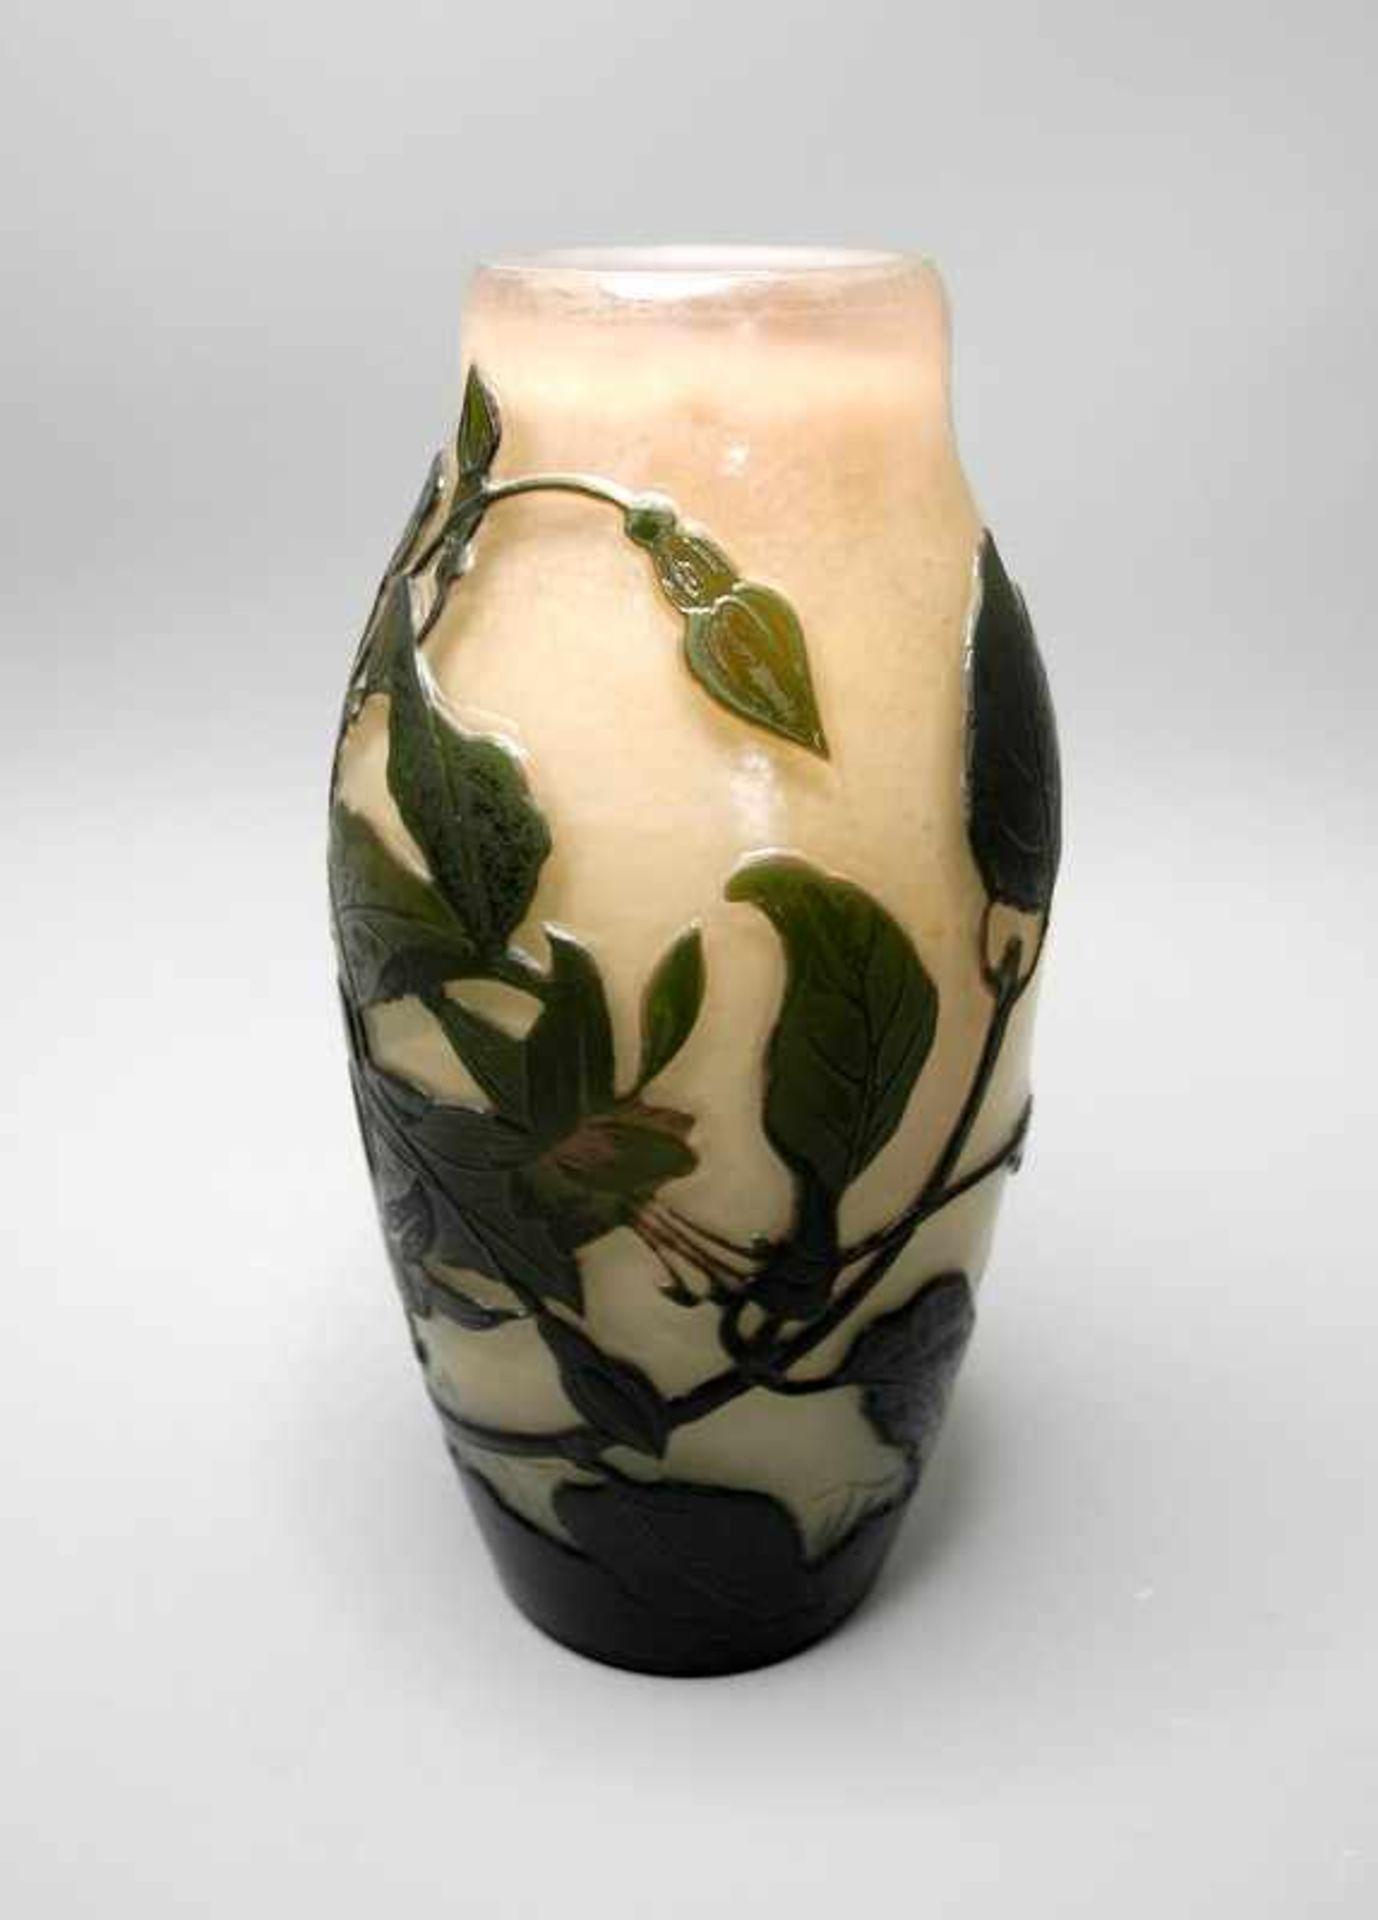 Arsall, GlasvaseOpakes, zum Hals leicht rötlich werdendes Glas mit grünem Überfang. - Bild 2 aus 4